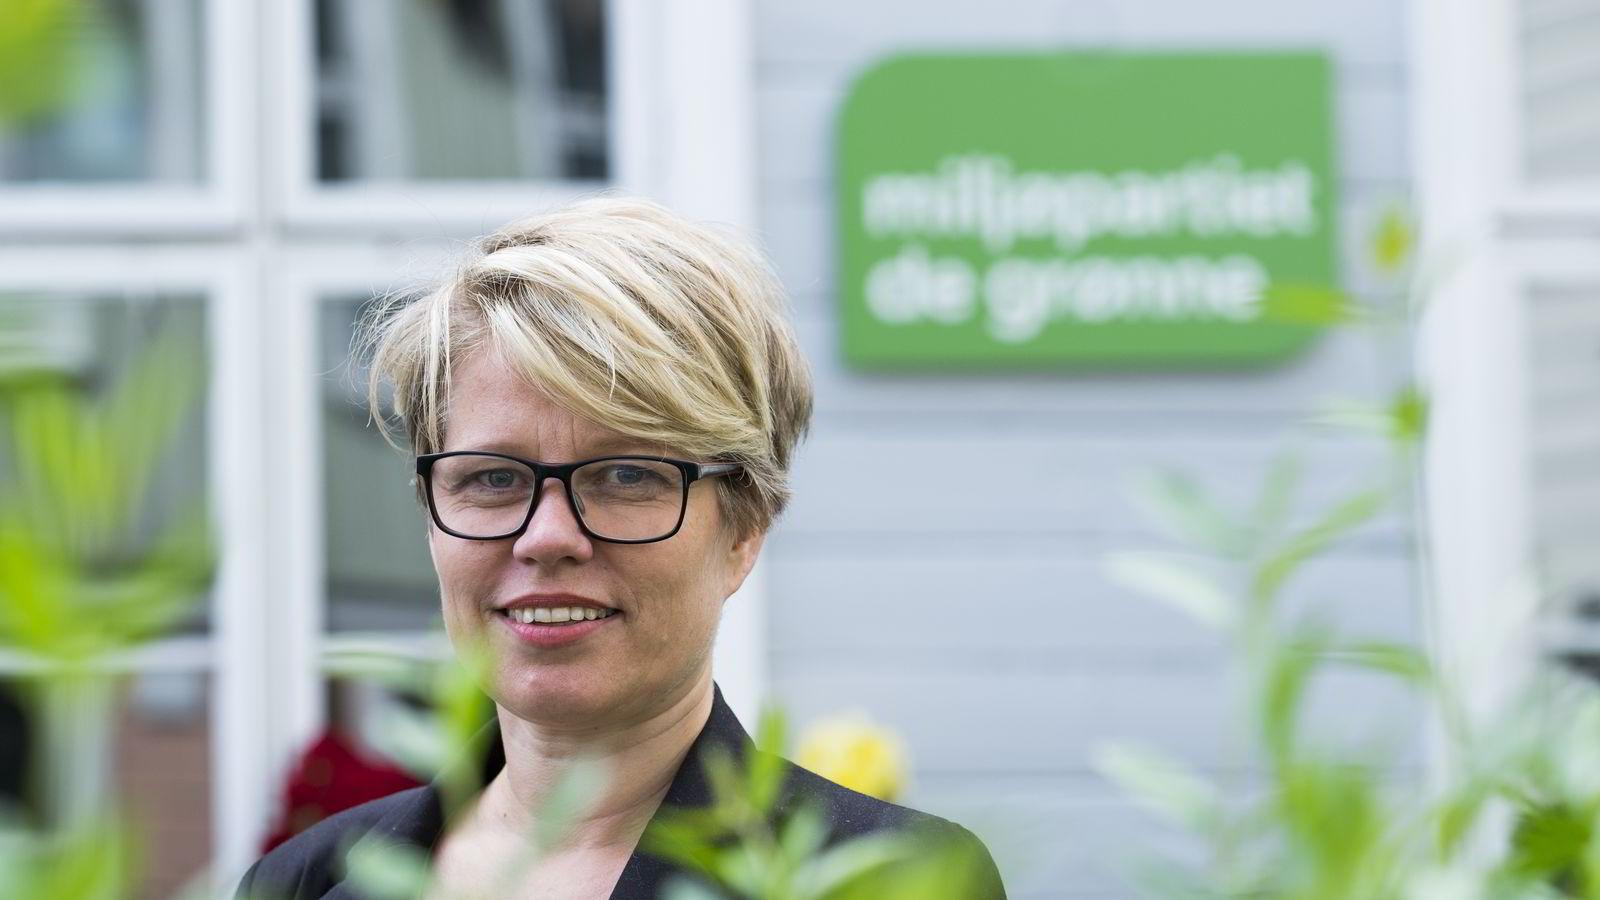 VALGT. Talsperson Hilde Opoku for Miljøpartiet De Grønne (MDG) er blitt varaordfører i Trondheim etter brakvalget mandag. Her er hun avbildet under Arendalsuka tidligere i sommer. Foto: Tor Erik Schrøder /